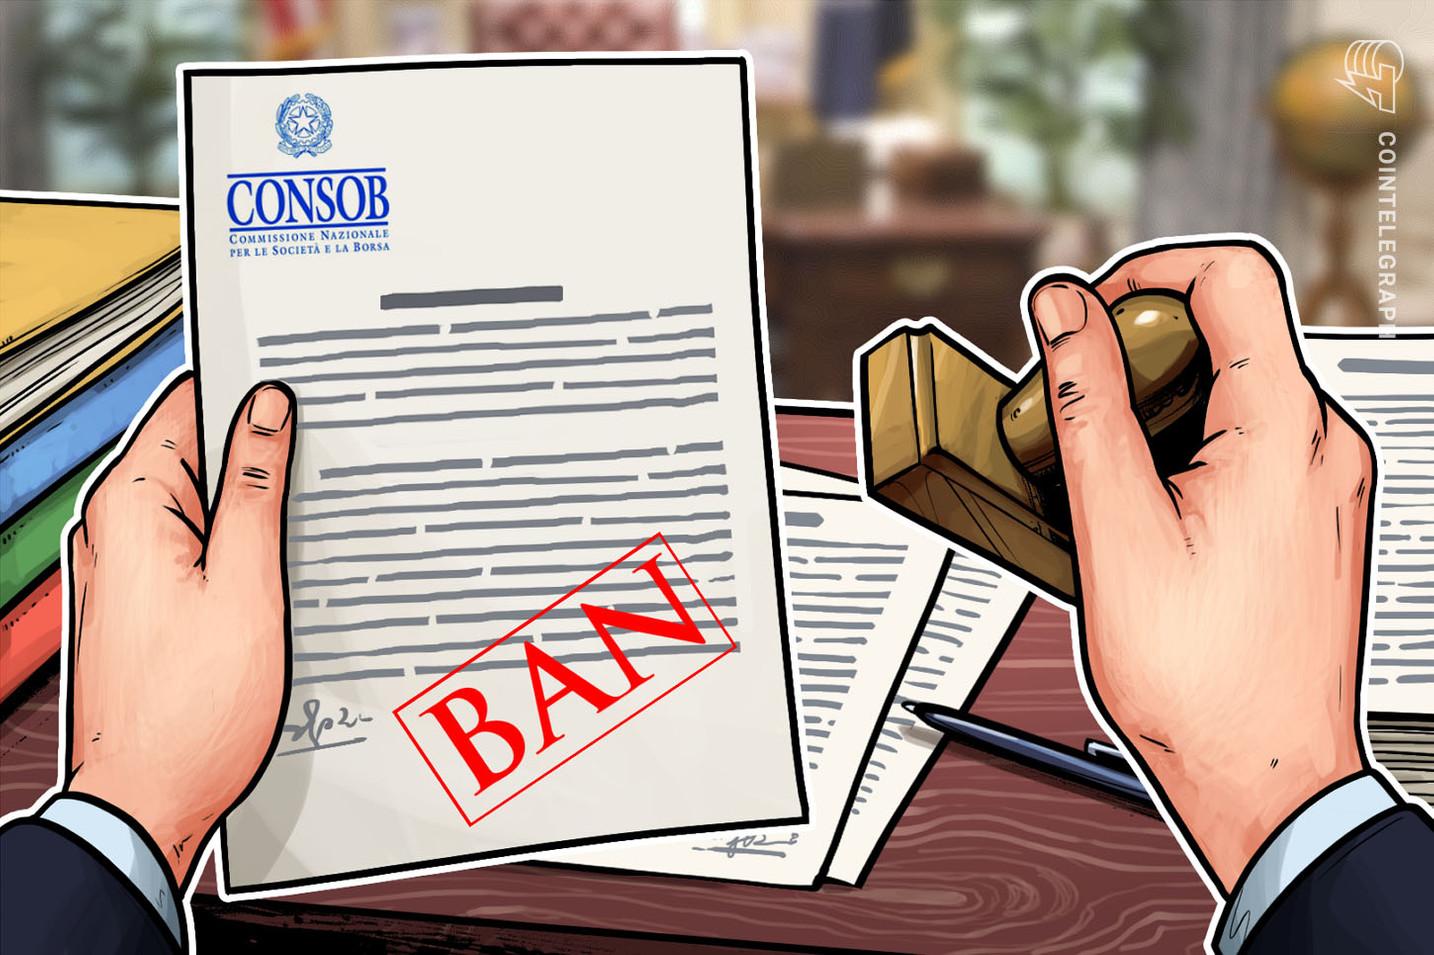 イタリア金融規制当局、仮想通貨関連プロジェクトに停止命令